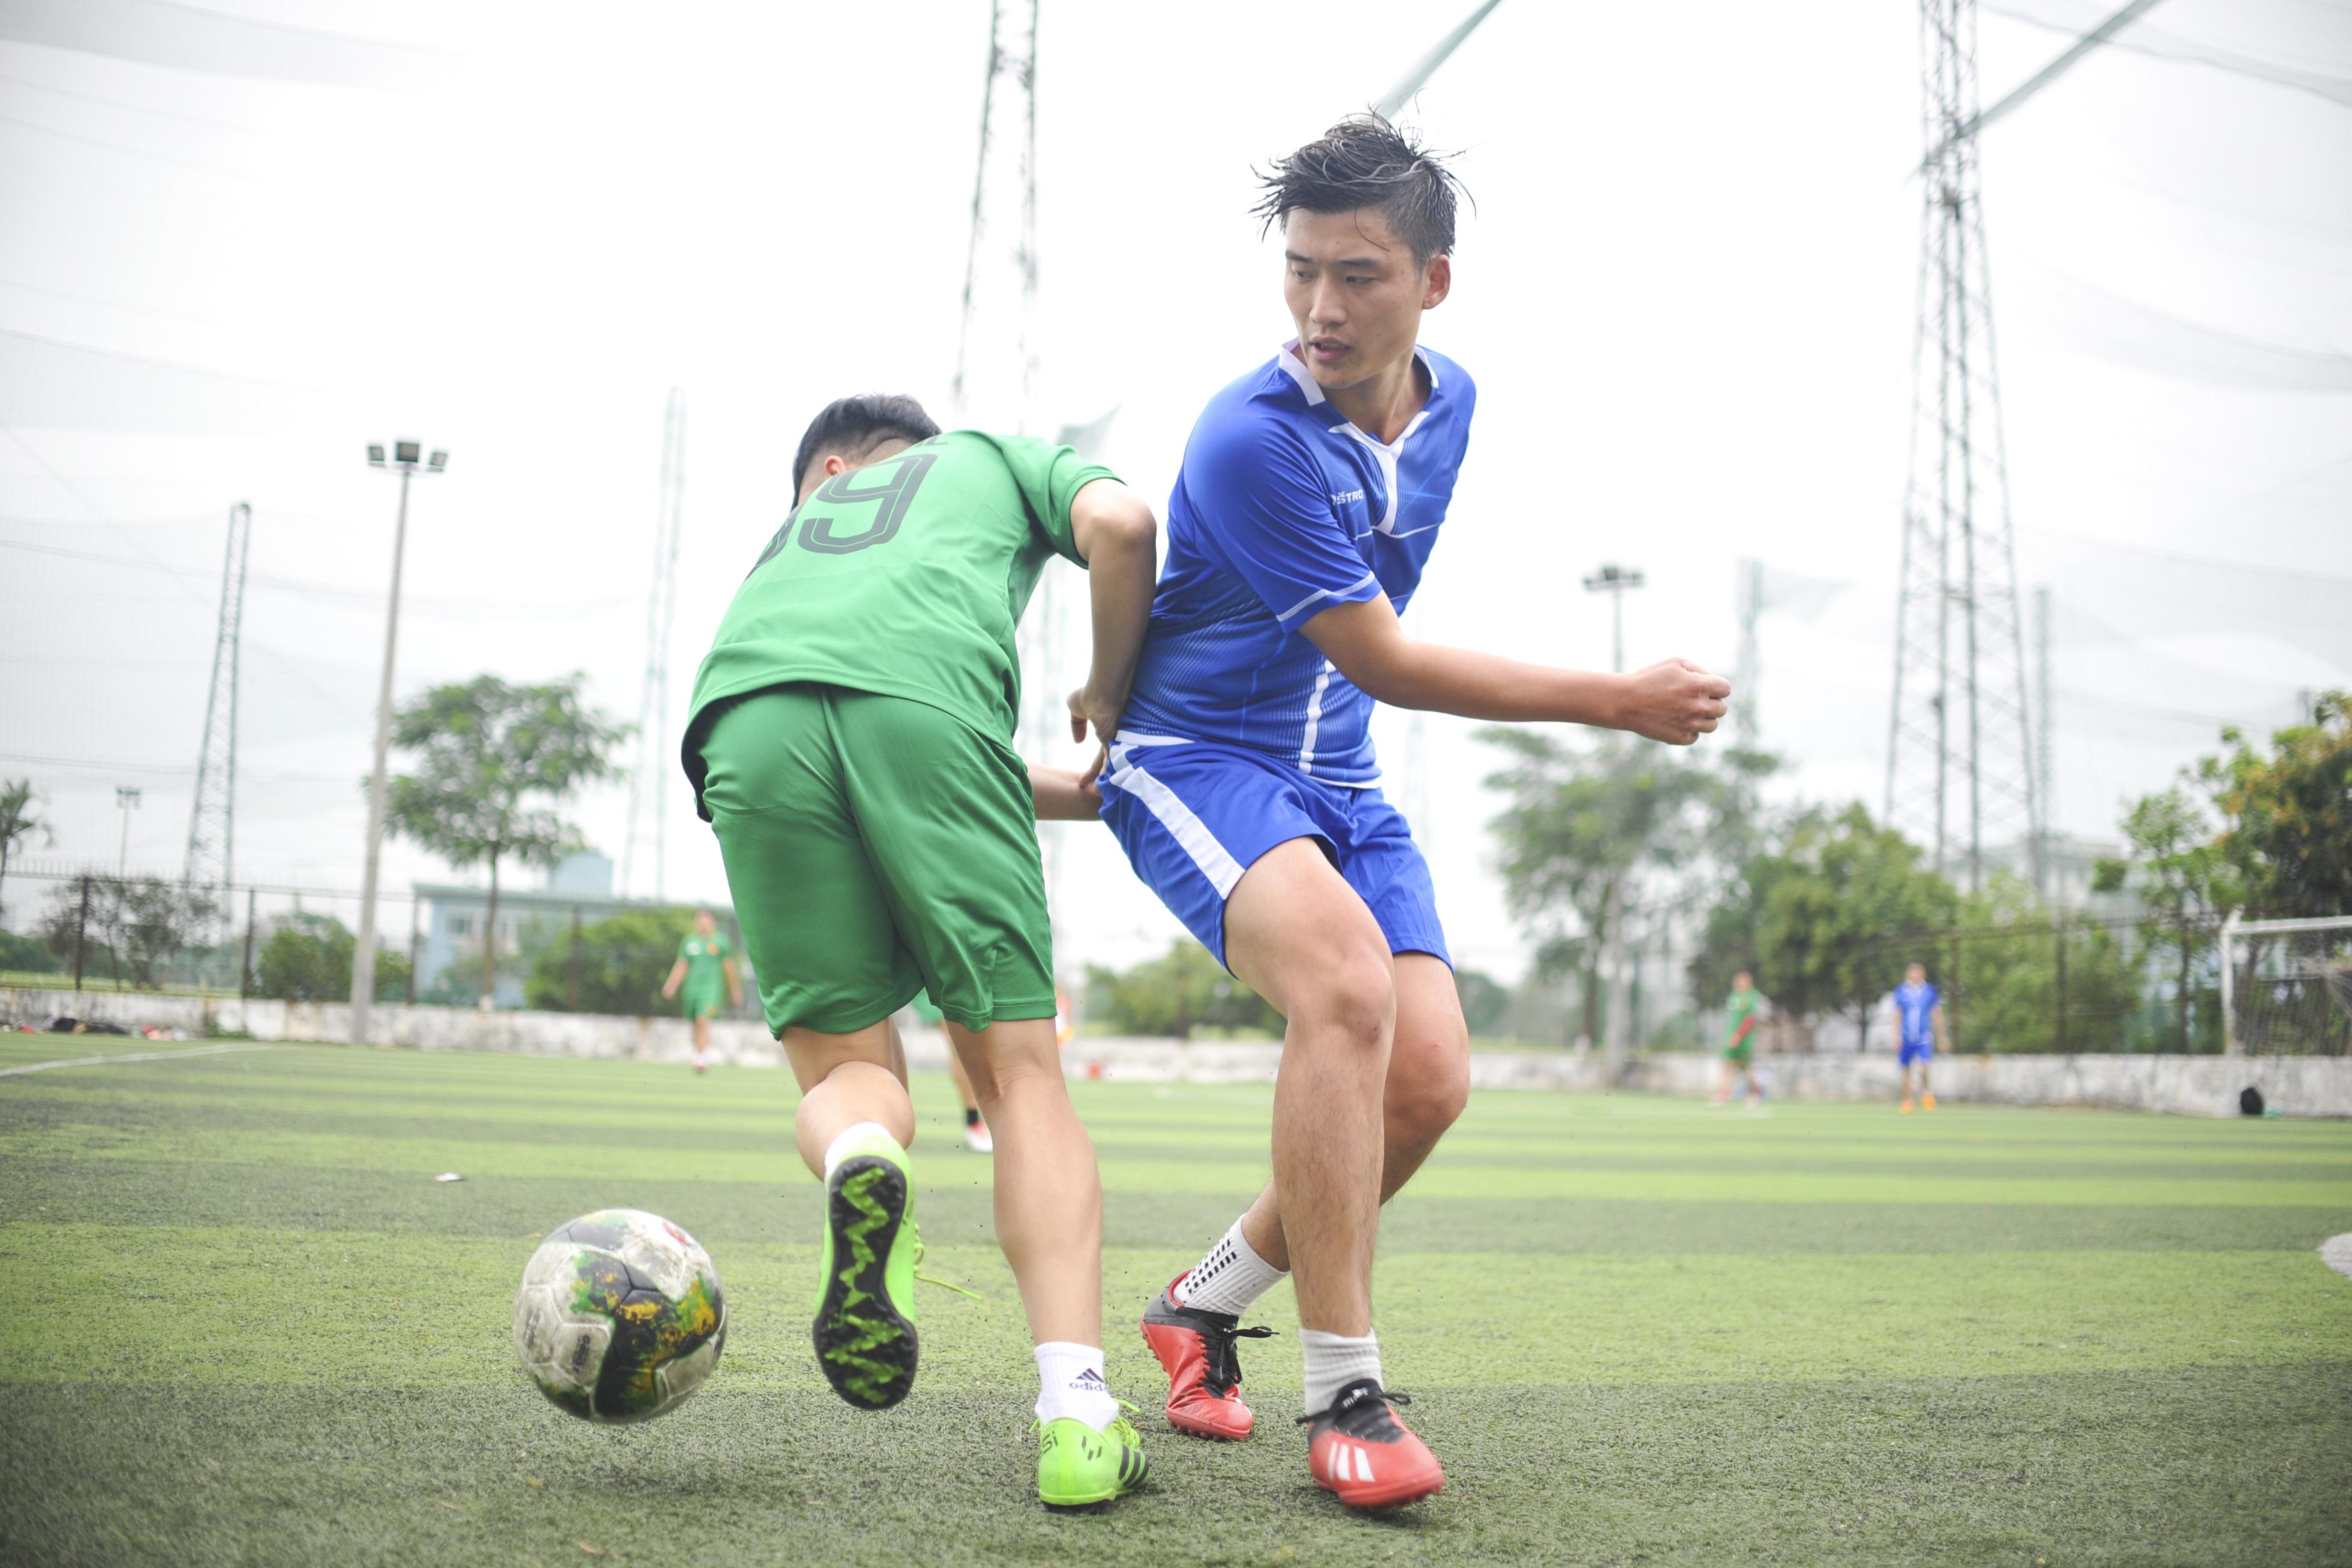 Bước sang hiệp hai, thế trận trở nên cân bằng hơn khi FGW quyết tâm dâng cao đội hình tìm kiếm bàn gỡ. Dù vậy, họ cũng chỉ ghi được một bàn thắng và để thủng lưới thêm 2 bàn.